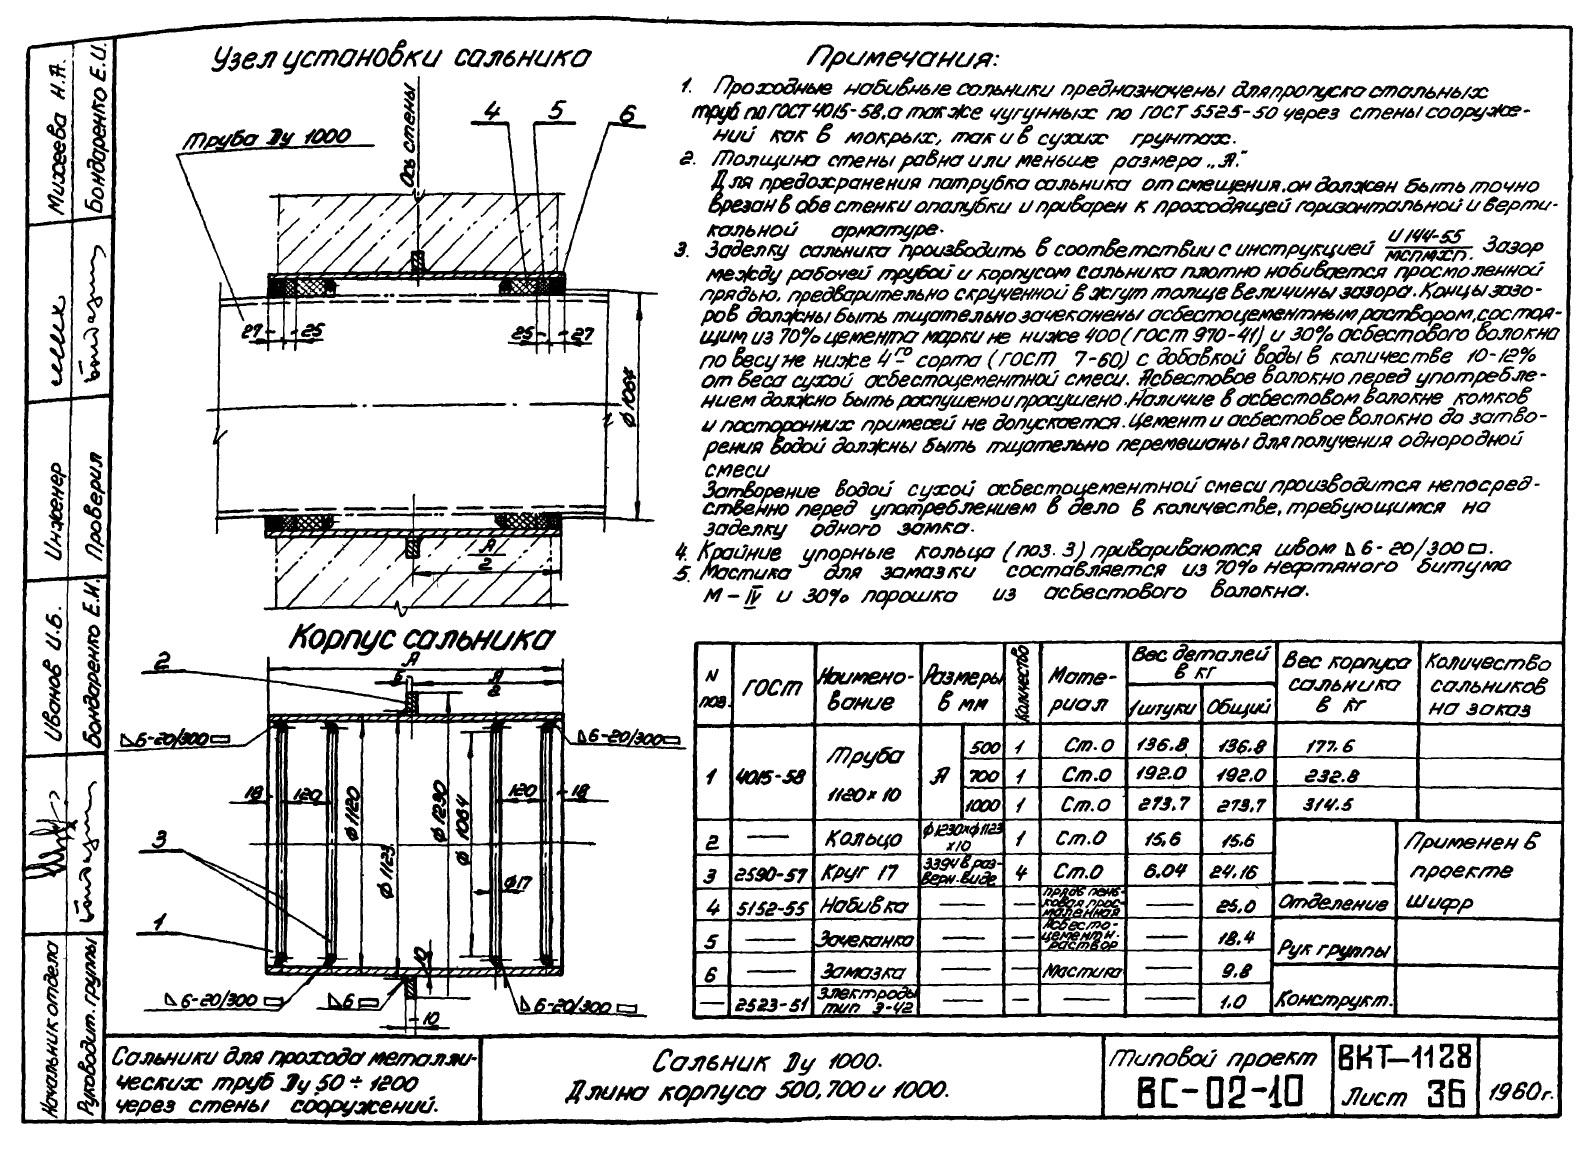 Сальники набивные L = 700 мм типовой проект ВС-02-10 стр.17